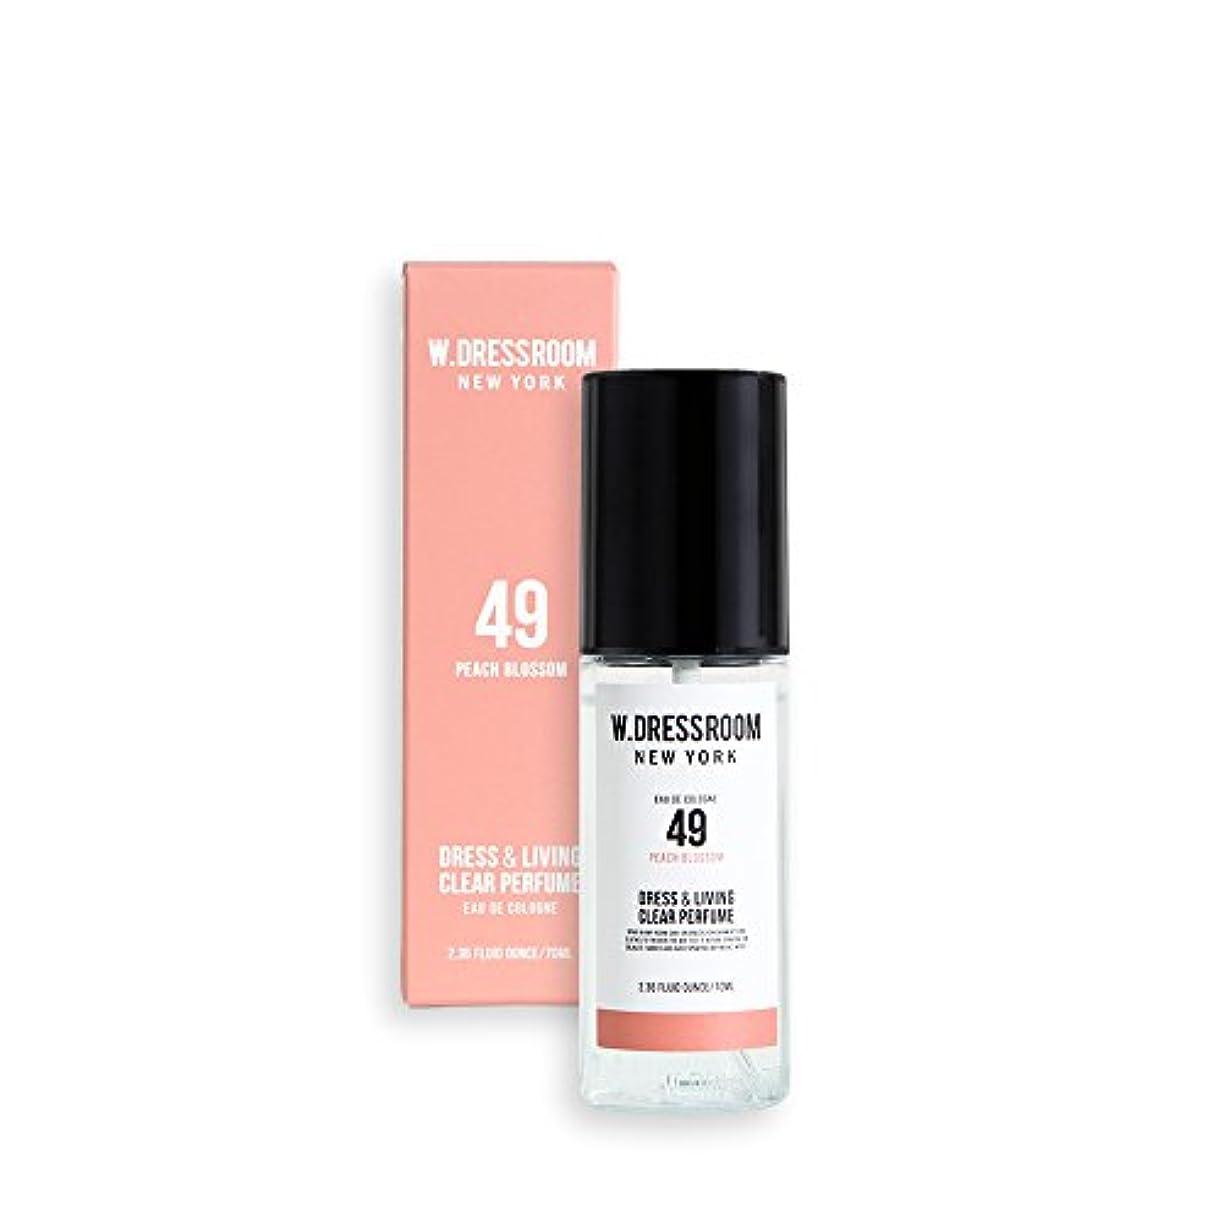 不純スタッフ彼女自身W.DRESSROOM Dress & Living Clear Perfume 70ml/ダブルドレスルーム ドレス&リビング クリア パフューム 70ml (#No.49 Peach Blossom) [並行輸入品]